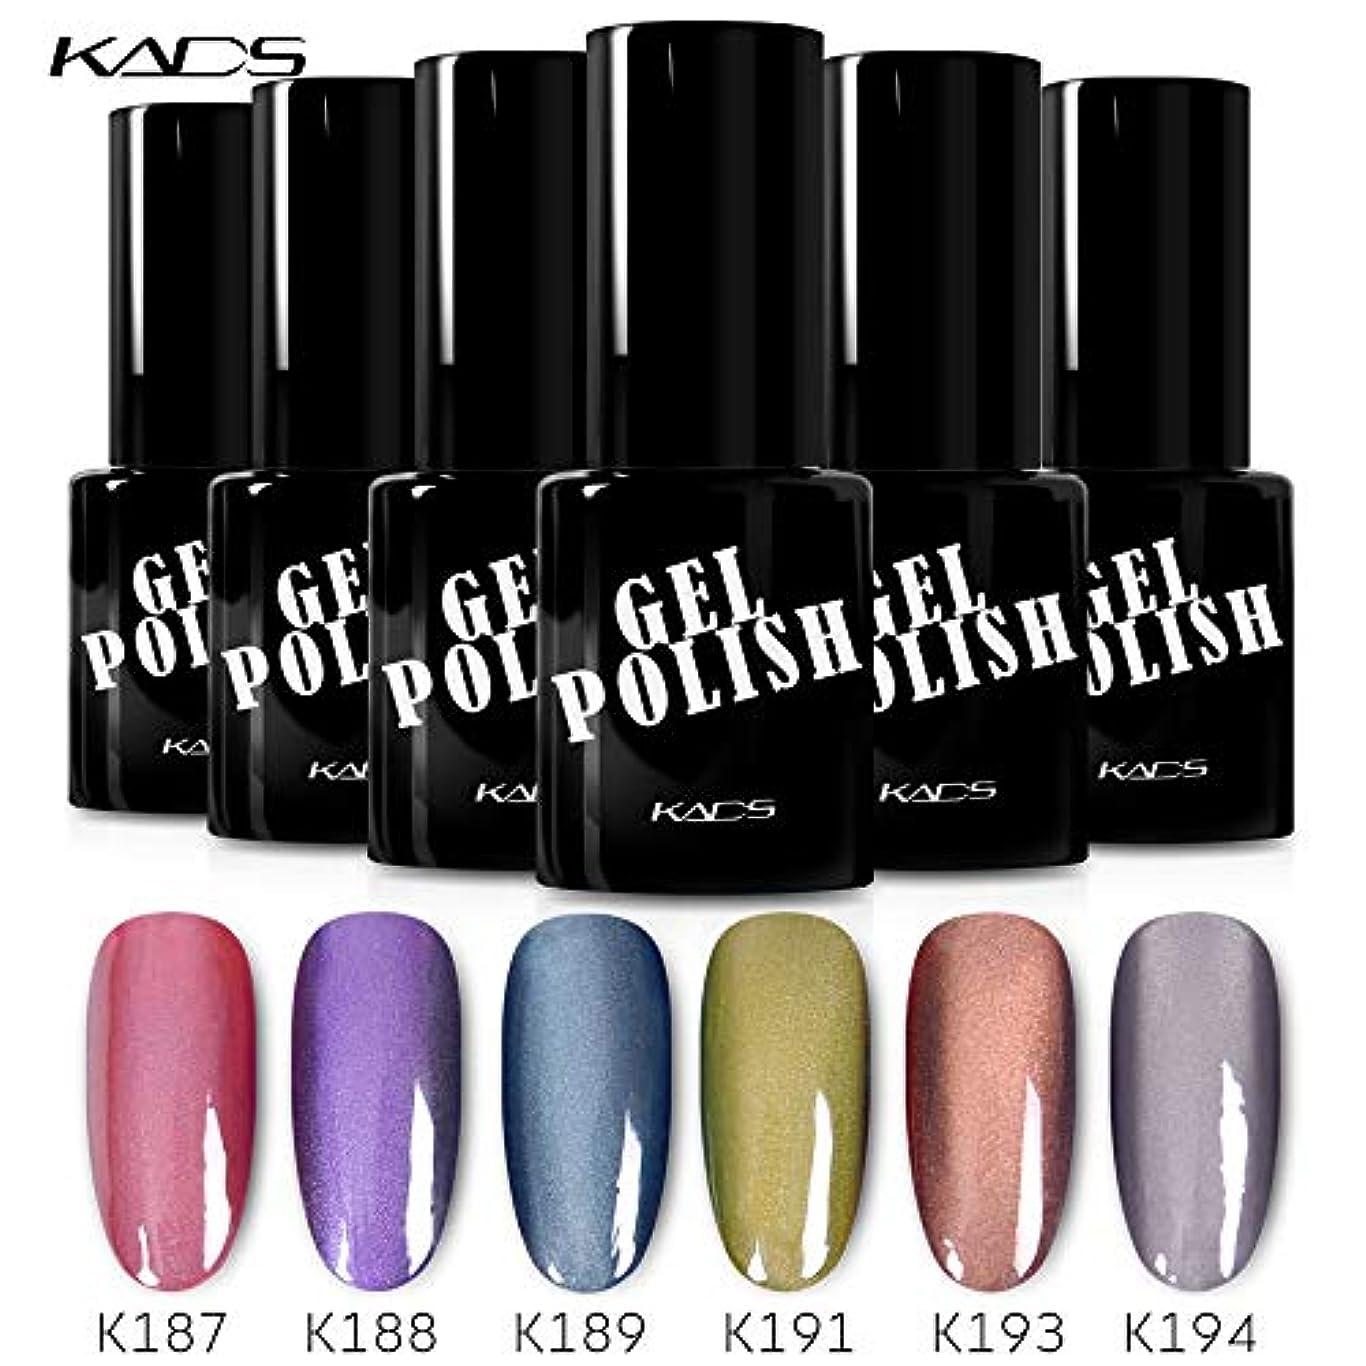 かなりのメドレー時折KADS カラージェル 6色入り キャッツアイジェルネイル グリーン/ピンク/グレー カラーポリッシュ UV/LED対応 艶長持ち